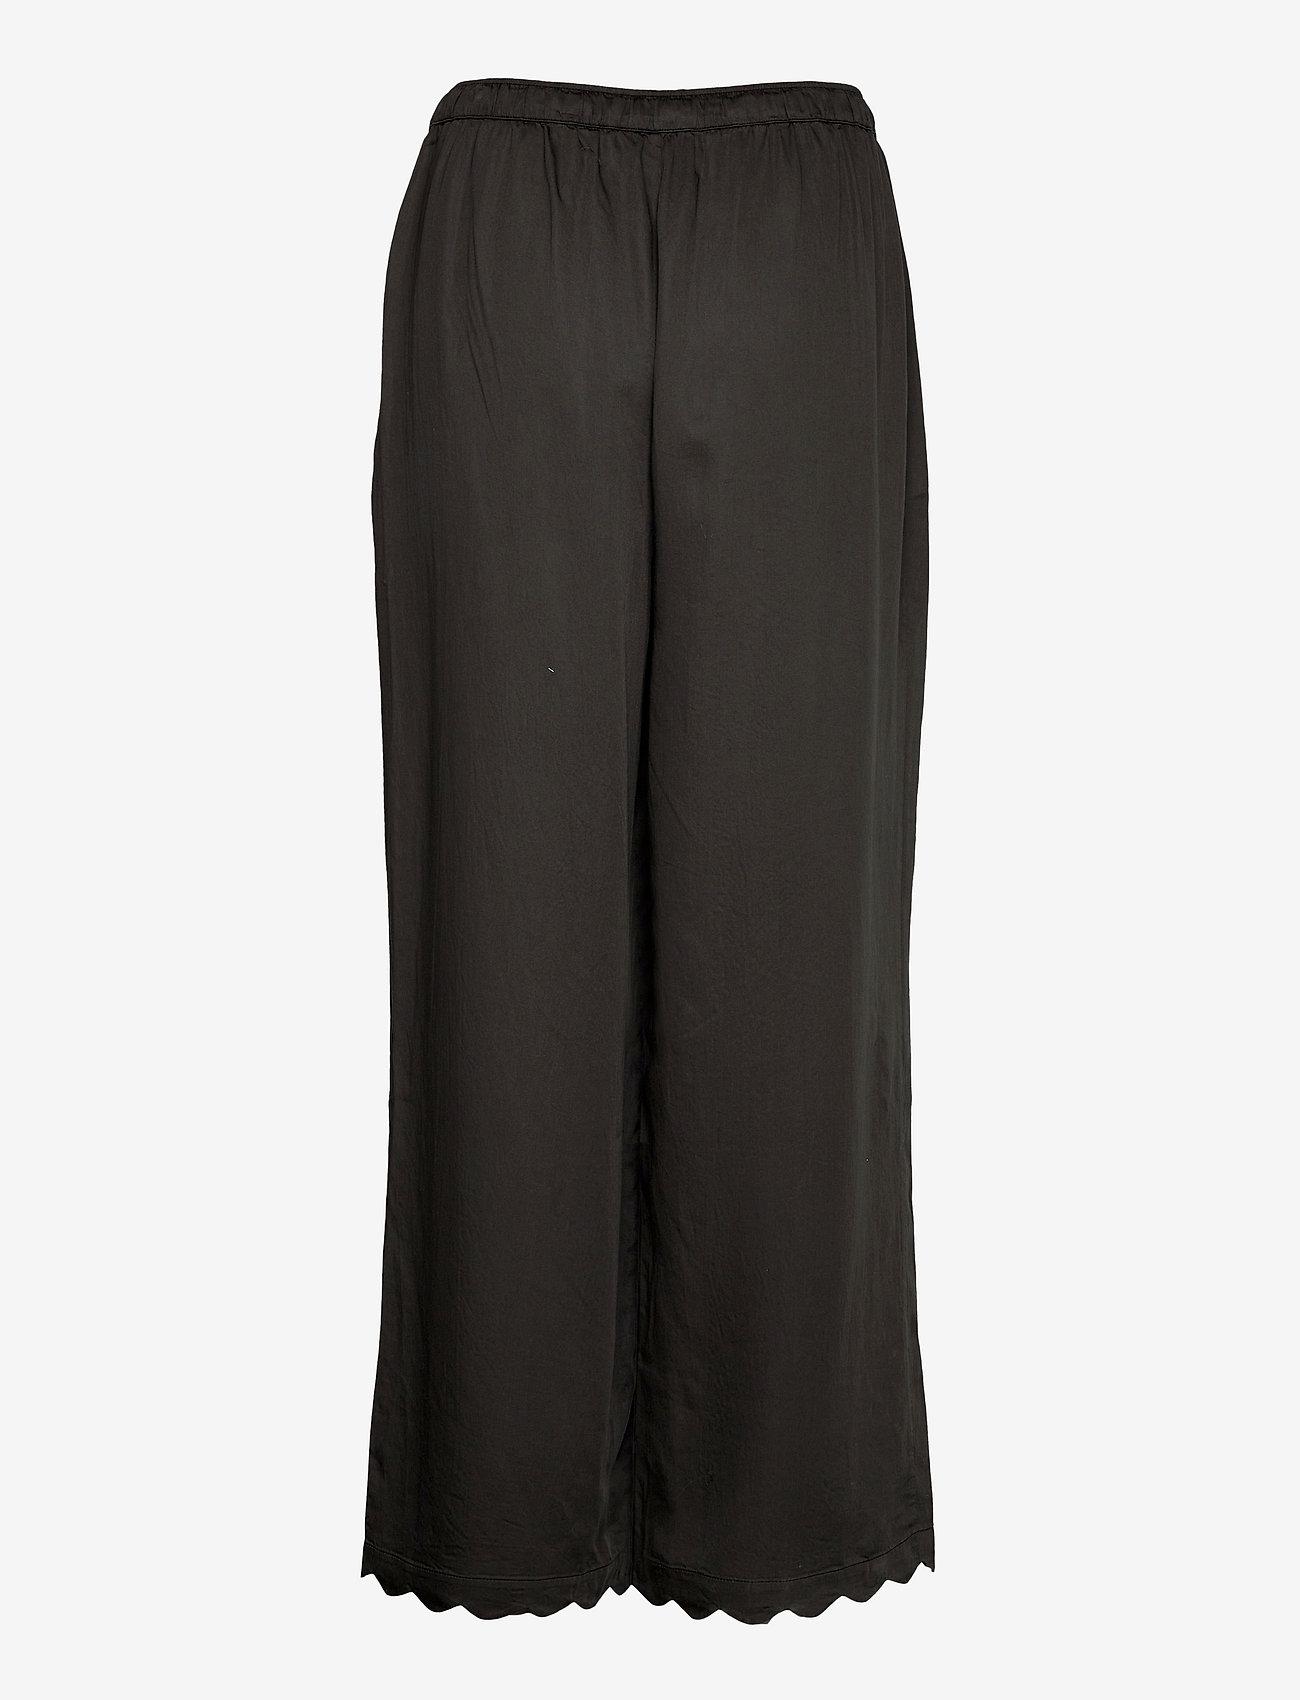 Underprotection - Jane pants - bukser med brede ben - black - 1